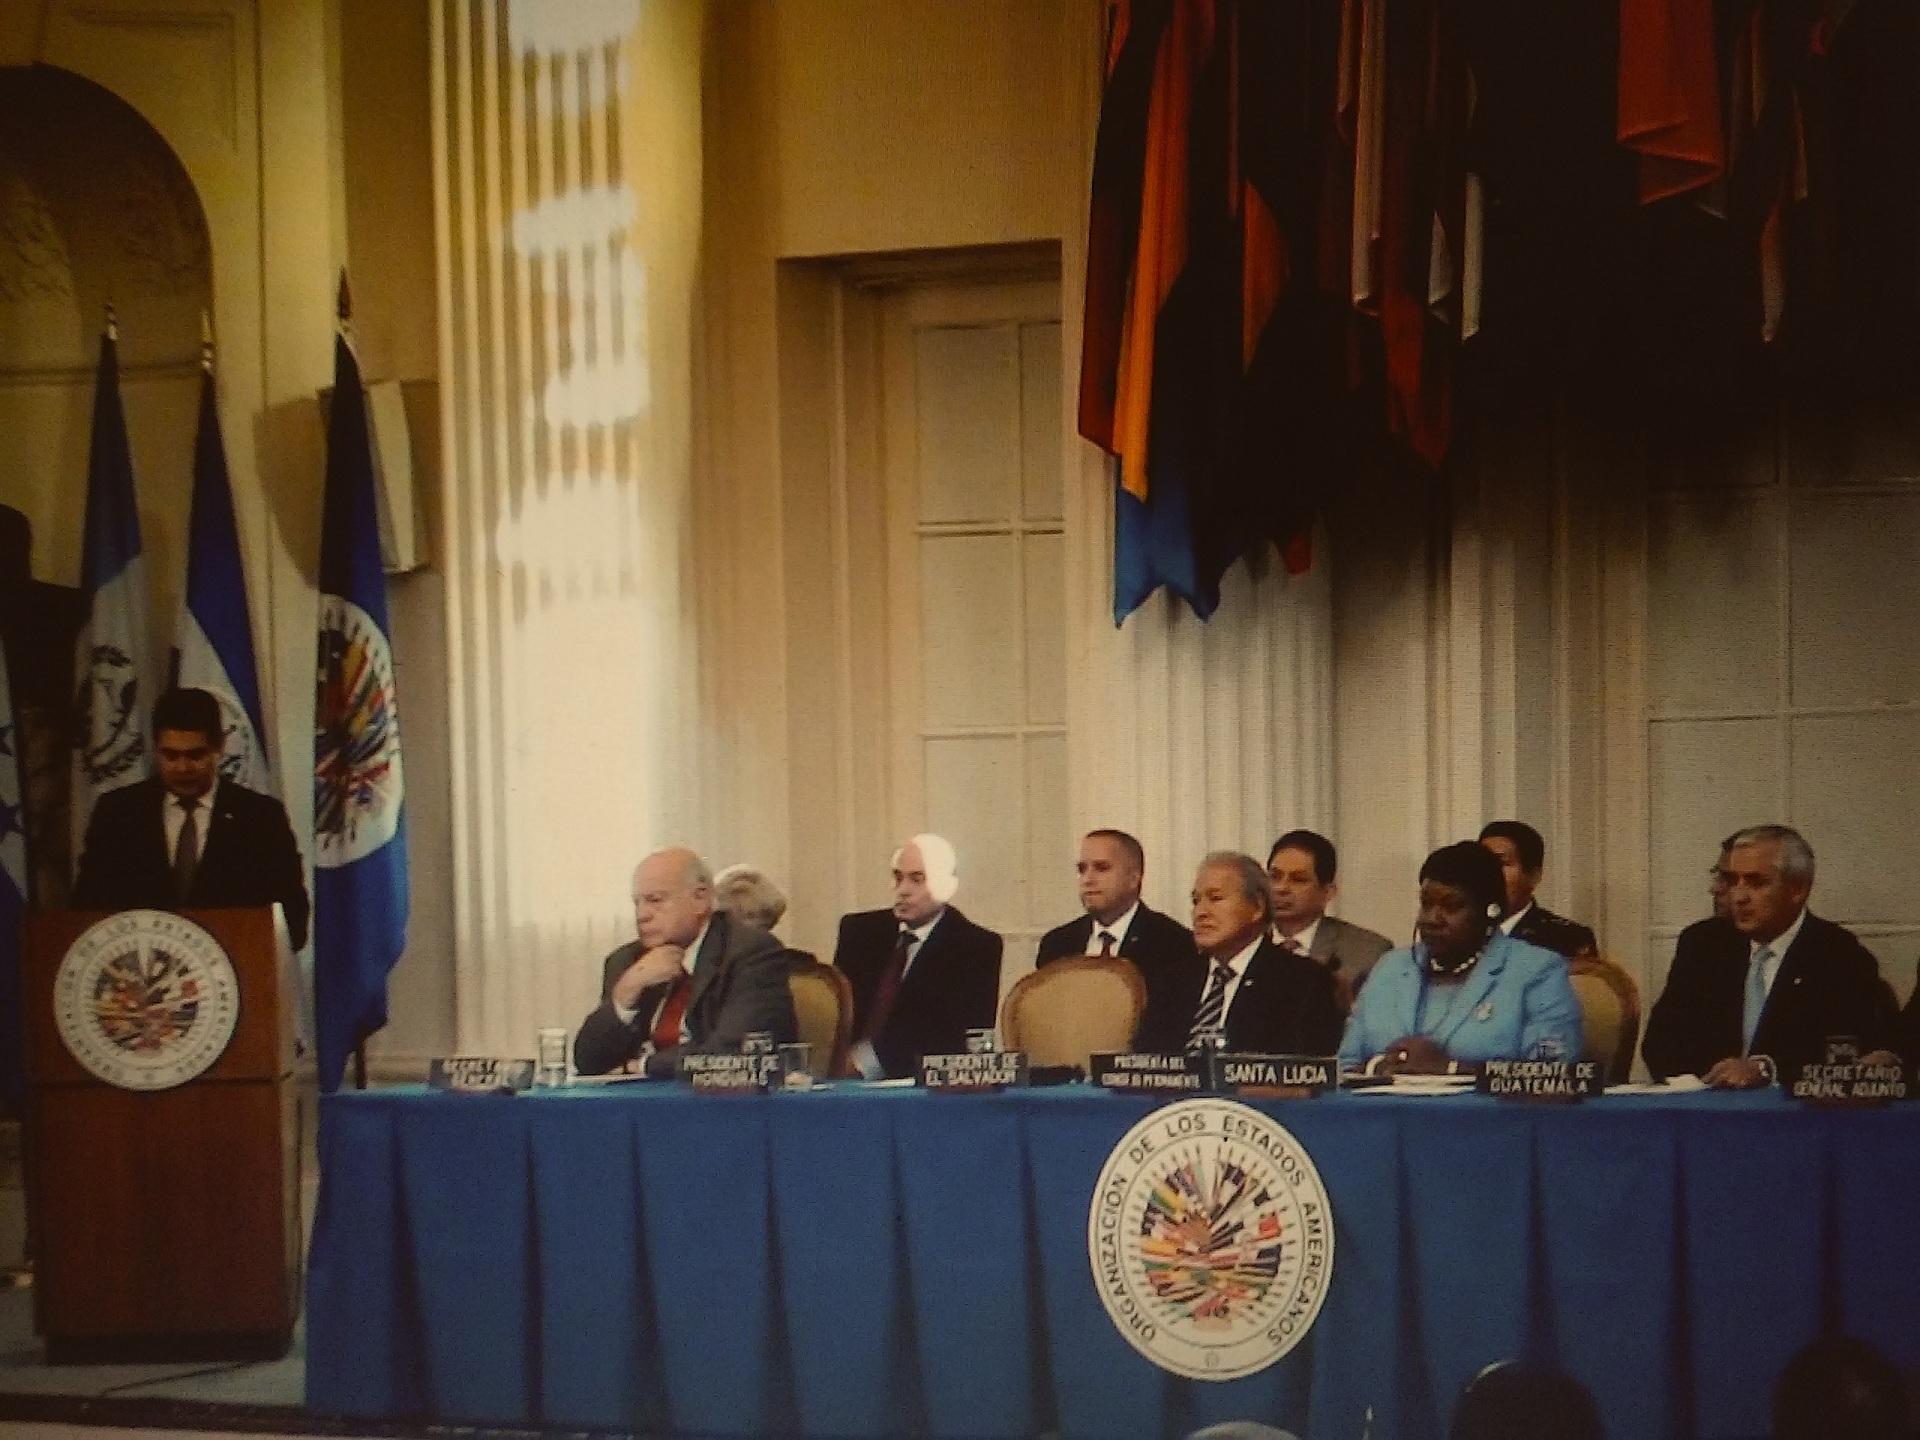 Los Presidentes de El Salvador, Guatemala y Honduras hablaron ante la Asamblea de la OEA sobre la crisis humanitaria de miles de niños procedentes de sus países que están detenidos en territorio estadounidense por haber entrado ilegalmente. Fotografía: Live Streaming asamblea de la OEA